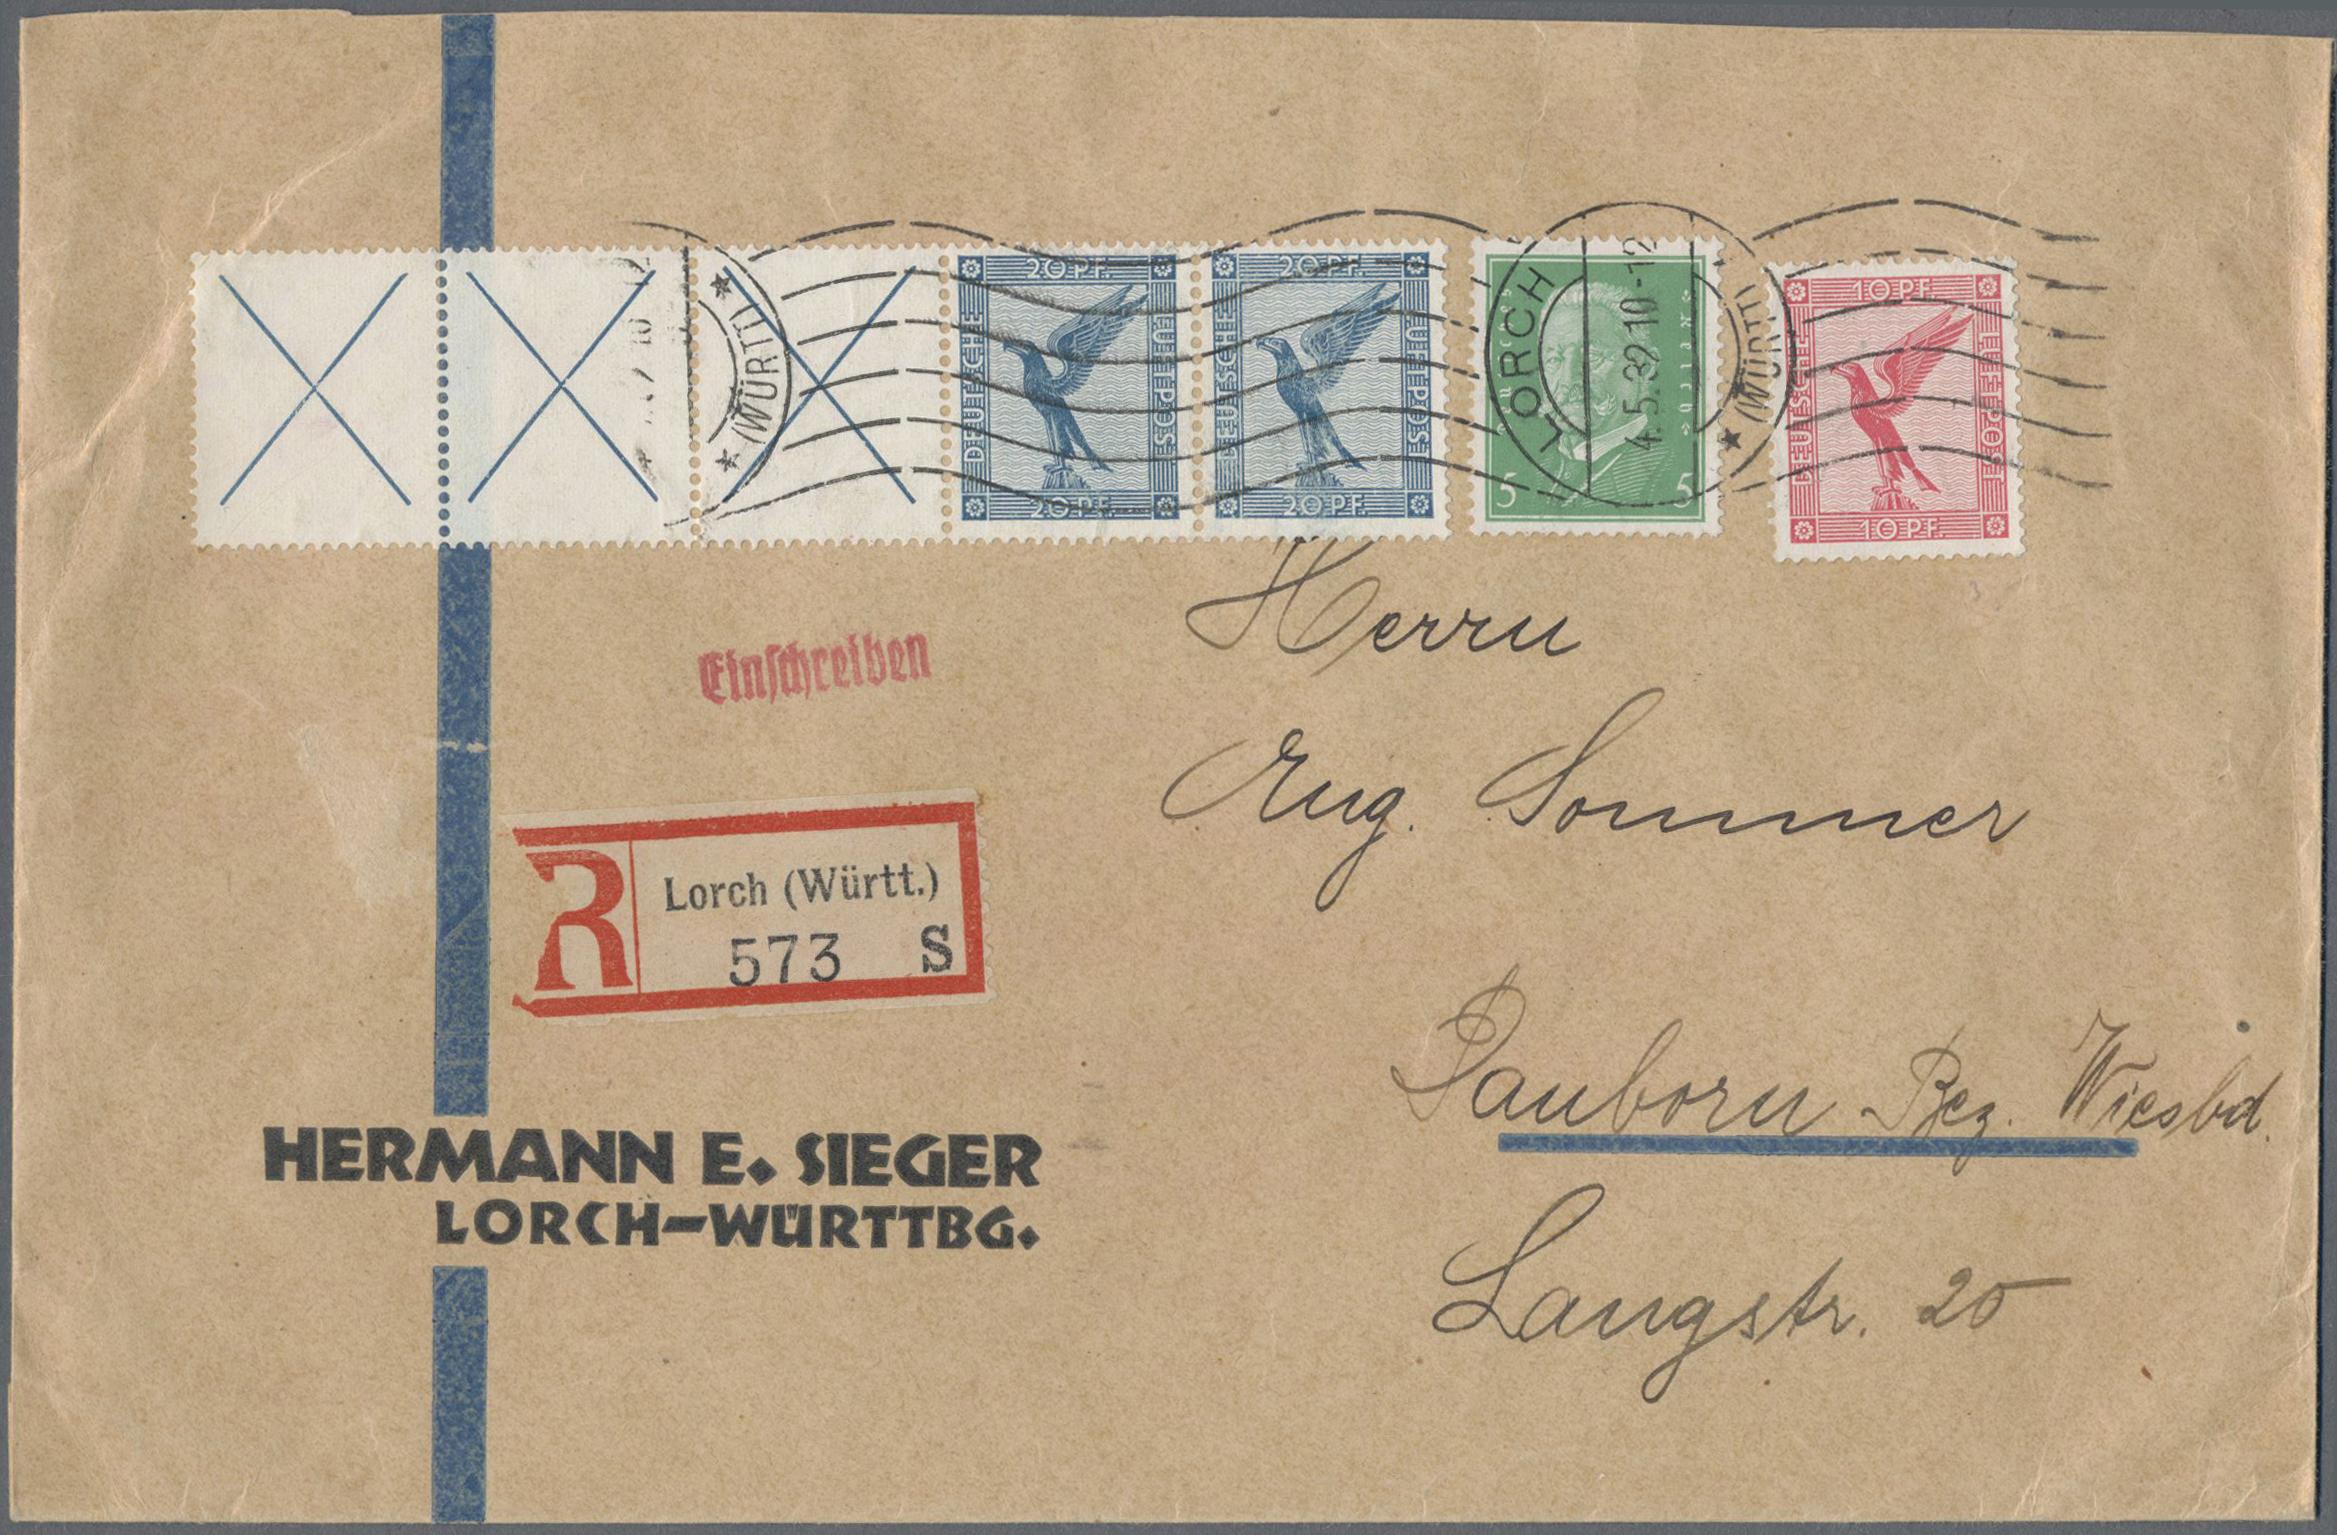 Lot 36771 - Deutsches Reich - Zusammendrucke  -  Auktionshaus Christoph Gärtner GmbH & Co. KG Sale #44 Collections Germany